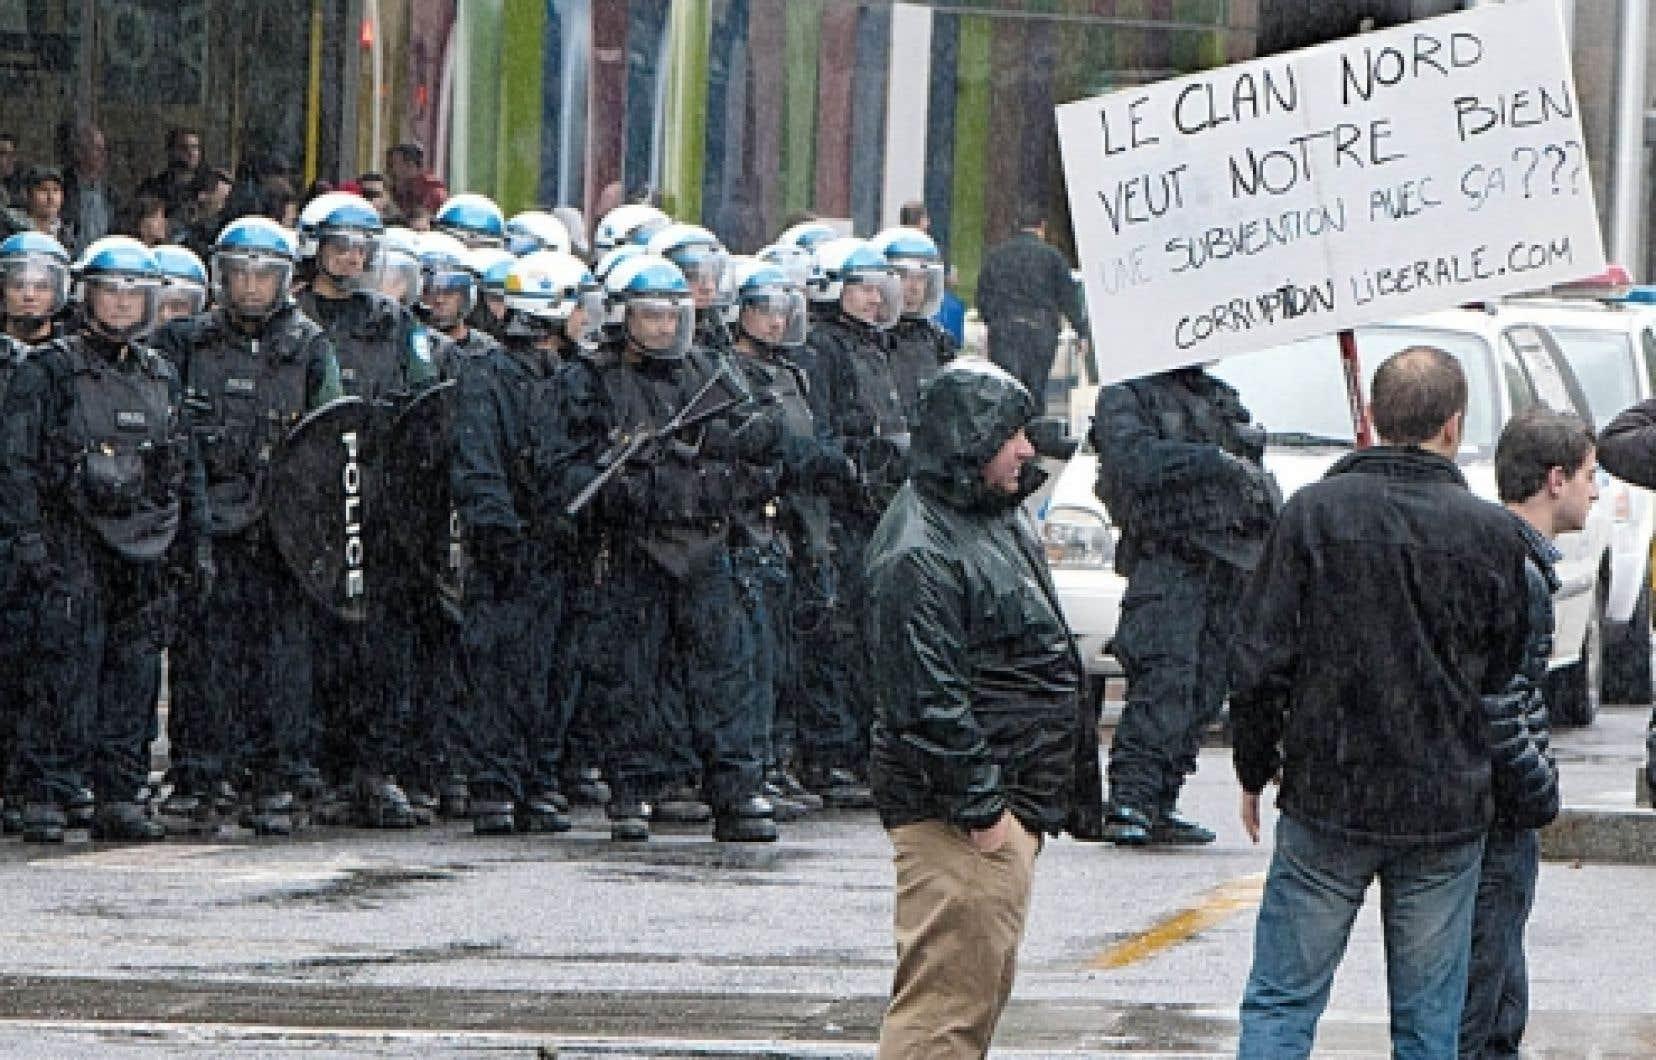 <div> Des manifestants et des policiers se sont affront&eacute;s samedi devant le Palais des congr&egrave;s, o&ugrave; se tenait le salon Plan Nord organis&eacute; par le gouvernement lib&eacute;ral.</div>